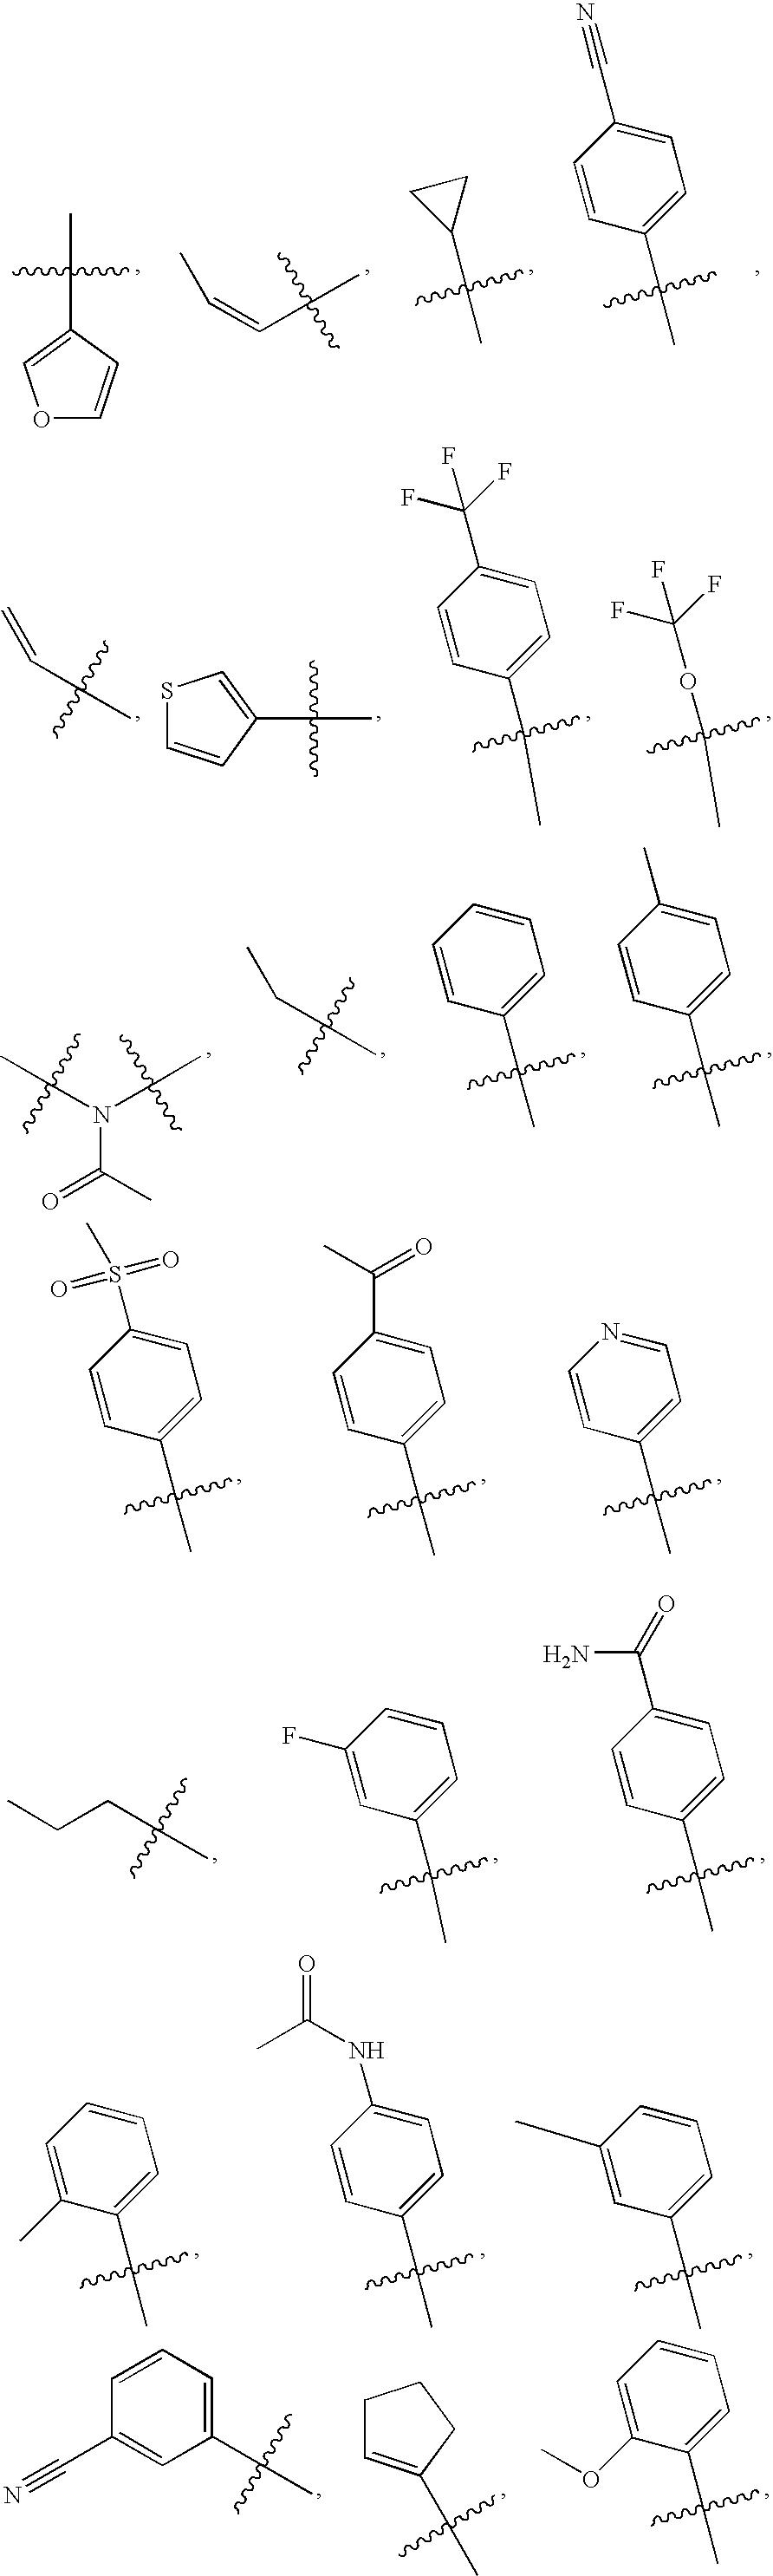 Figure US20070043023A1-20070222-C00023